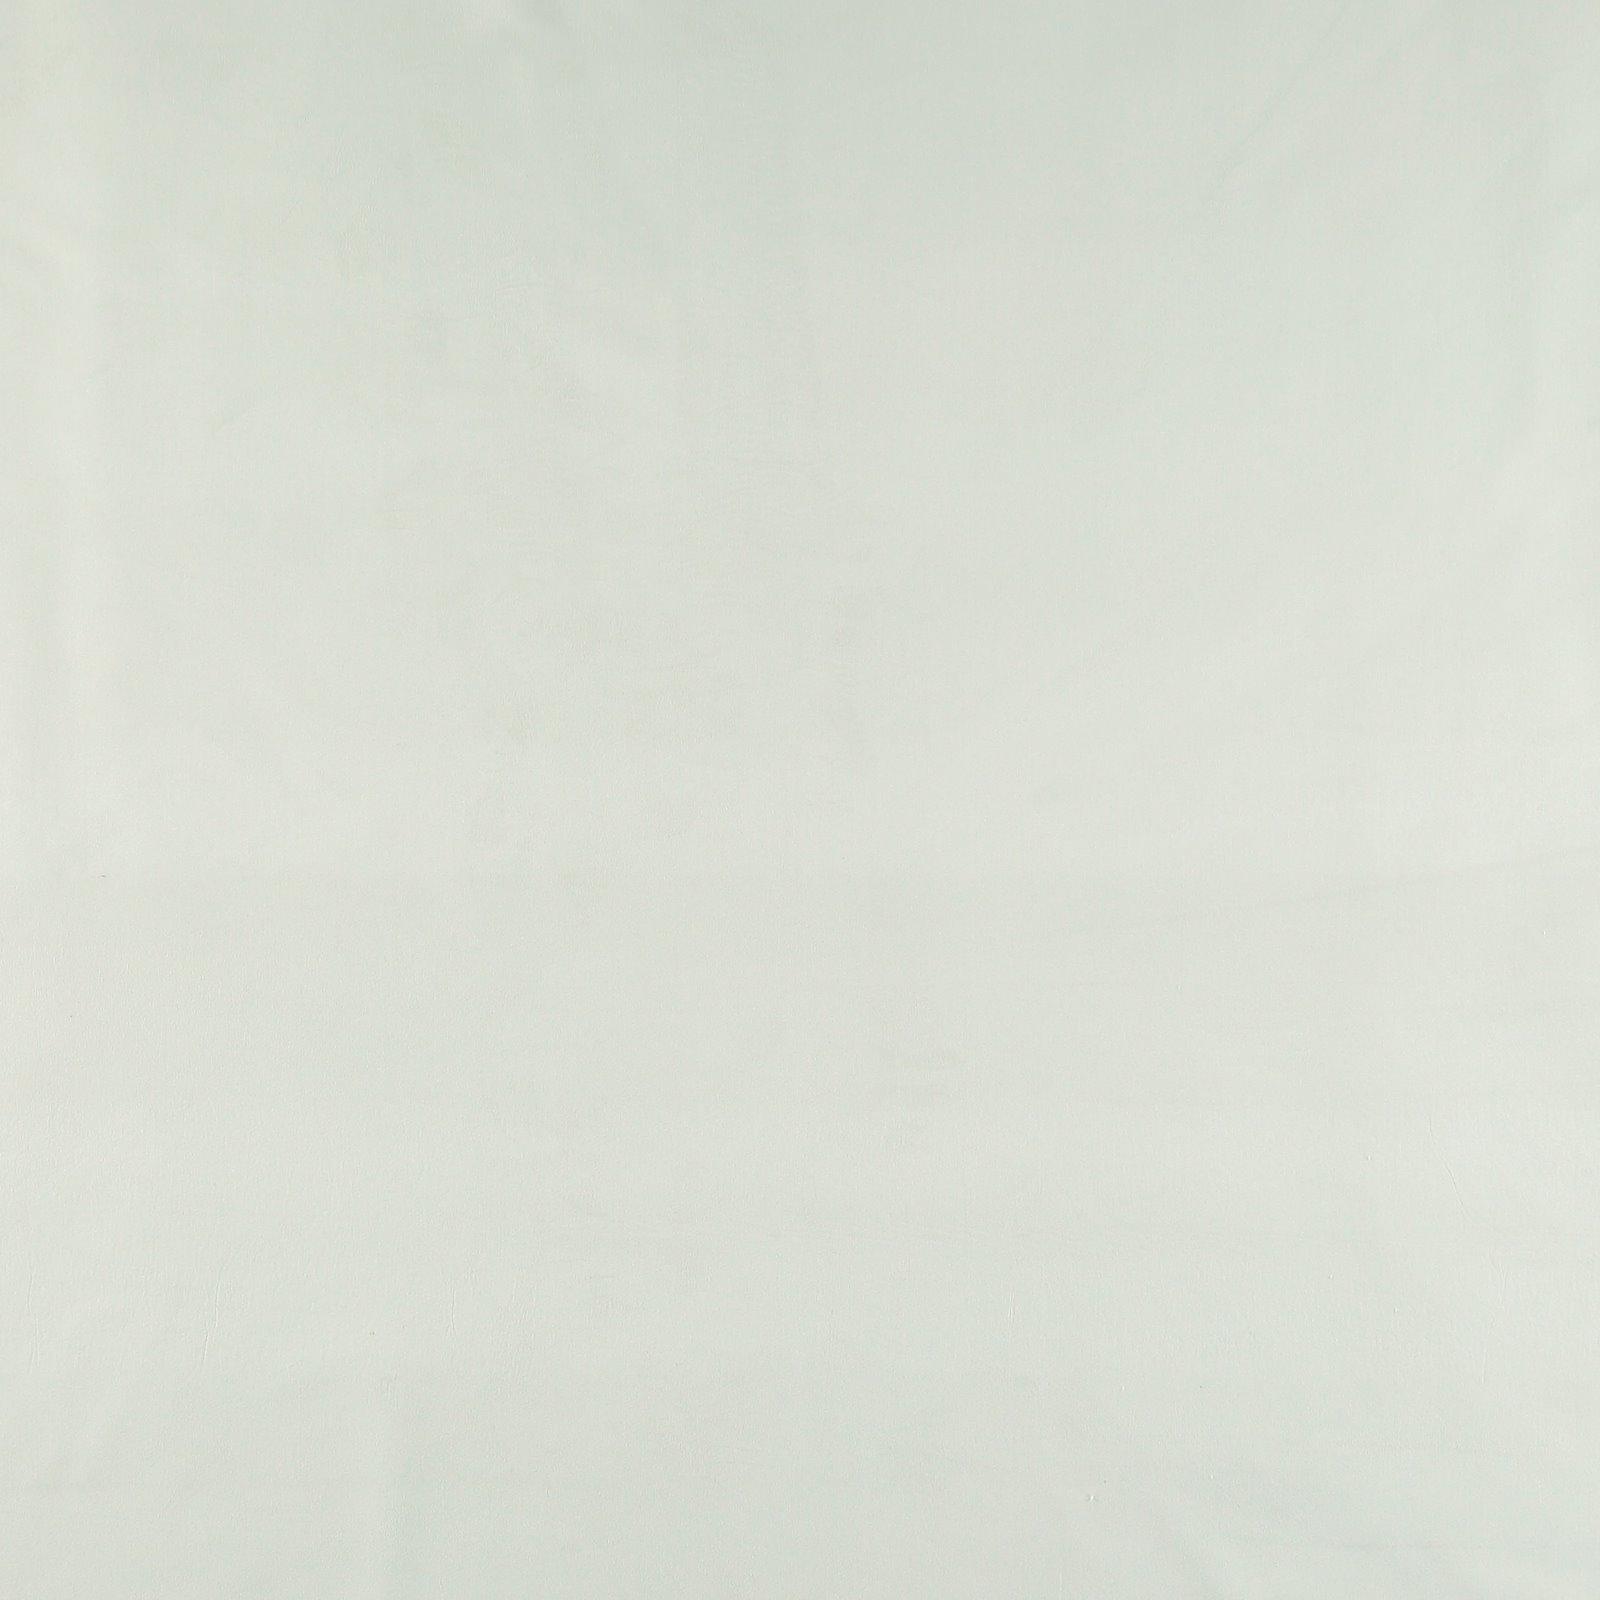 Upholstery shiny velvet off white 824171_pack_solid